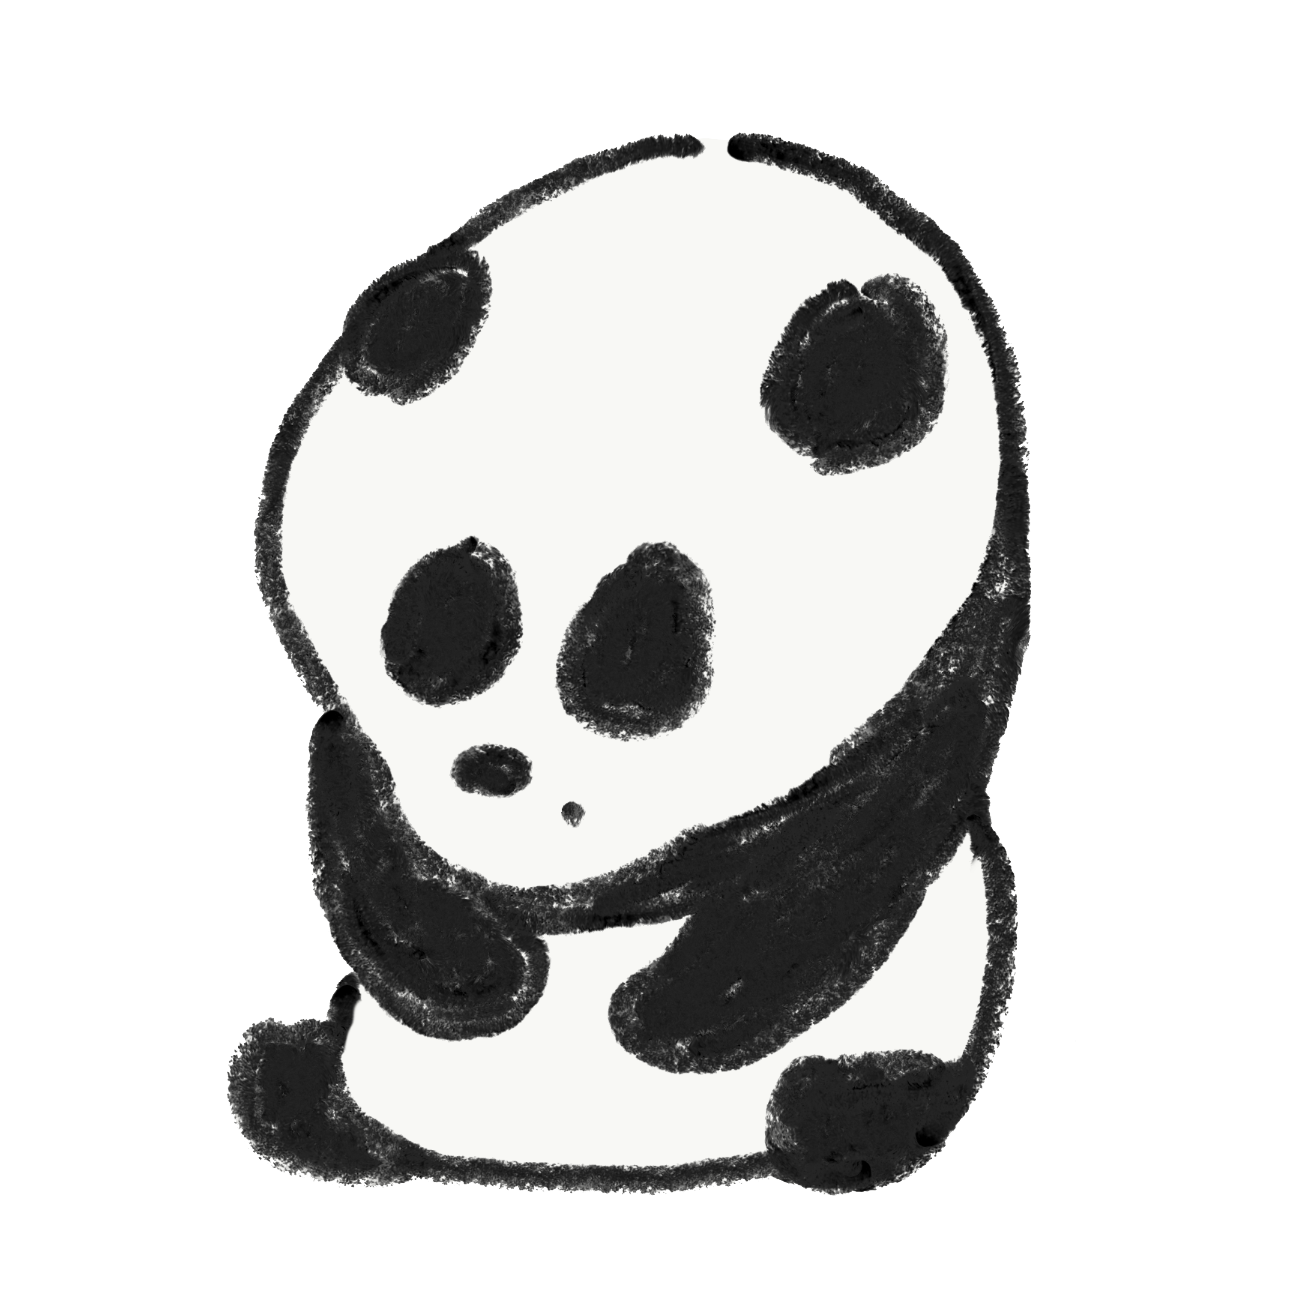 今すぐ葉っぱ(笹)をキメたいパンダ